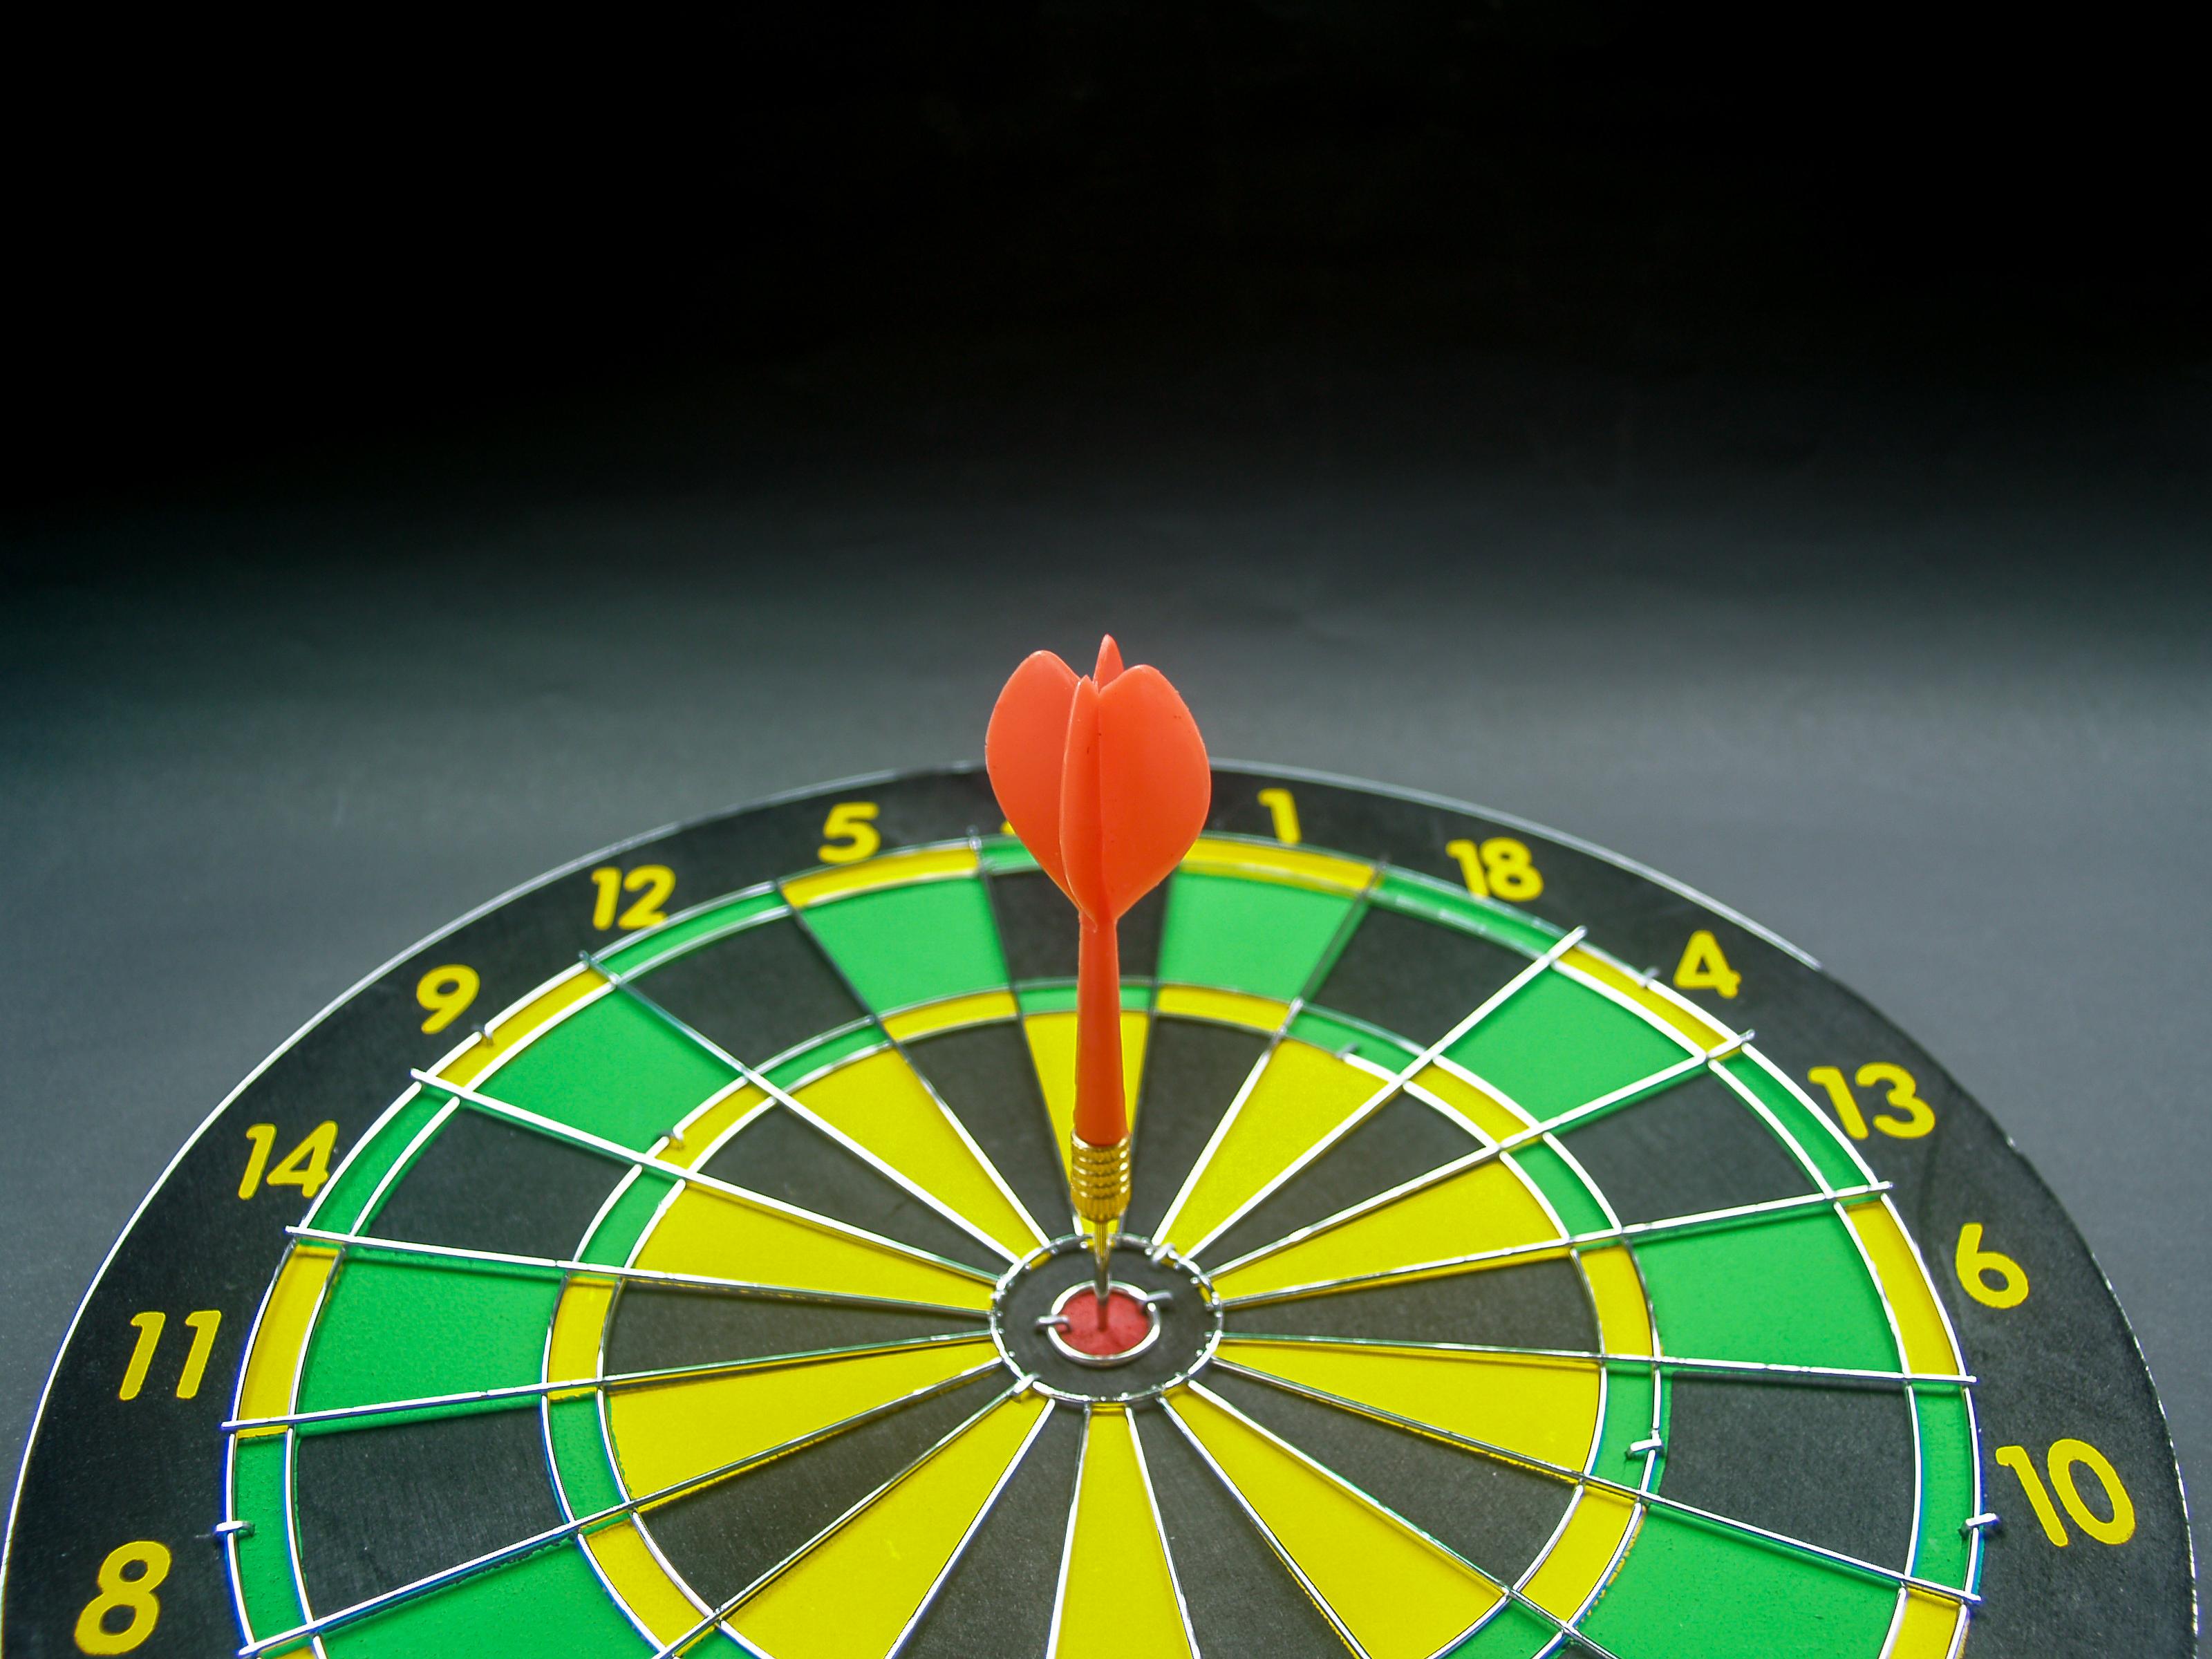 Hình Ảnh : Mục Tiêu, Dartboard, Bảng, Đâm, Trò Chơi, Trung Tâm, Môn Thể  Thao, Cuộc Thi, Tính Chính Xác, Mục Tiêu, Chính Xác, Mục Đích, Sự Thành  Công, ...